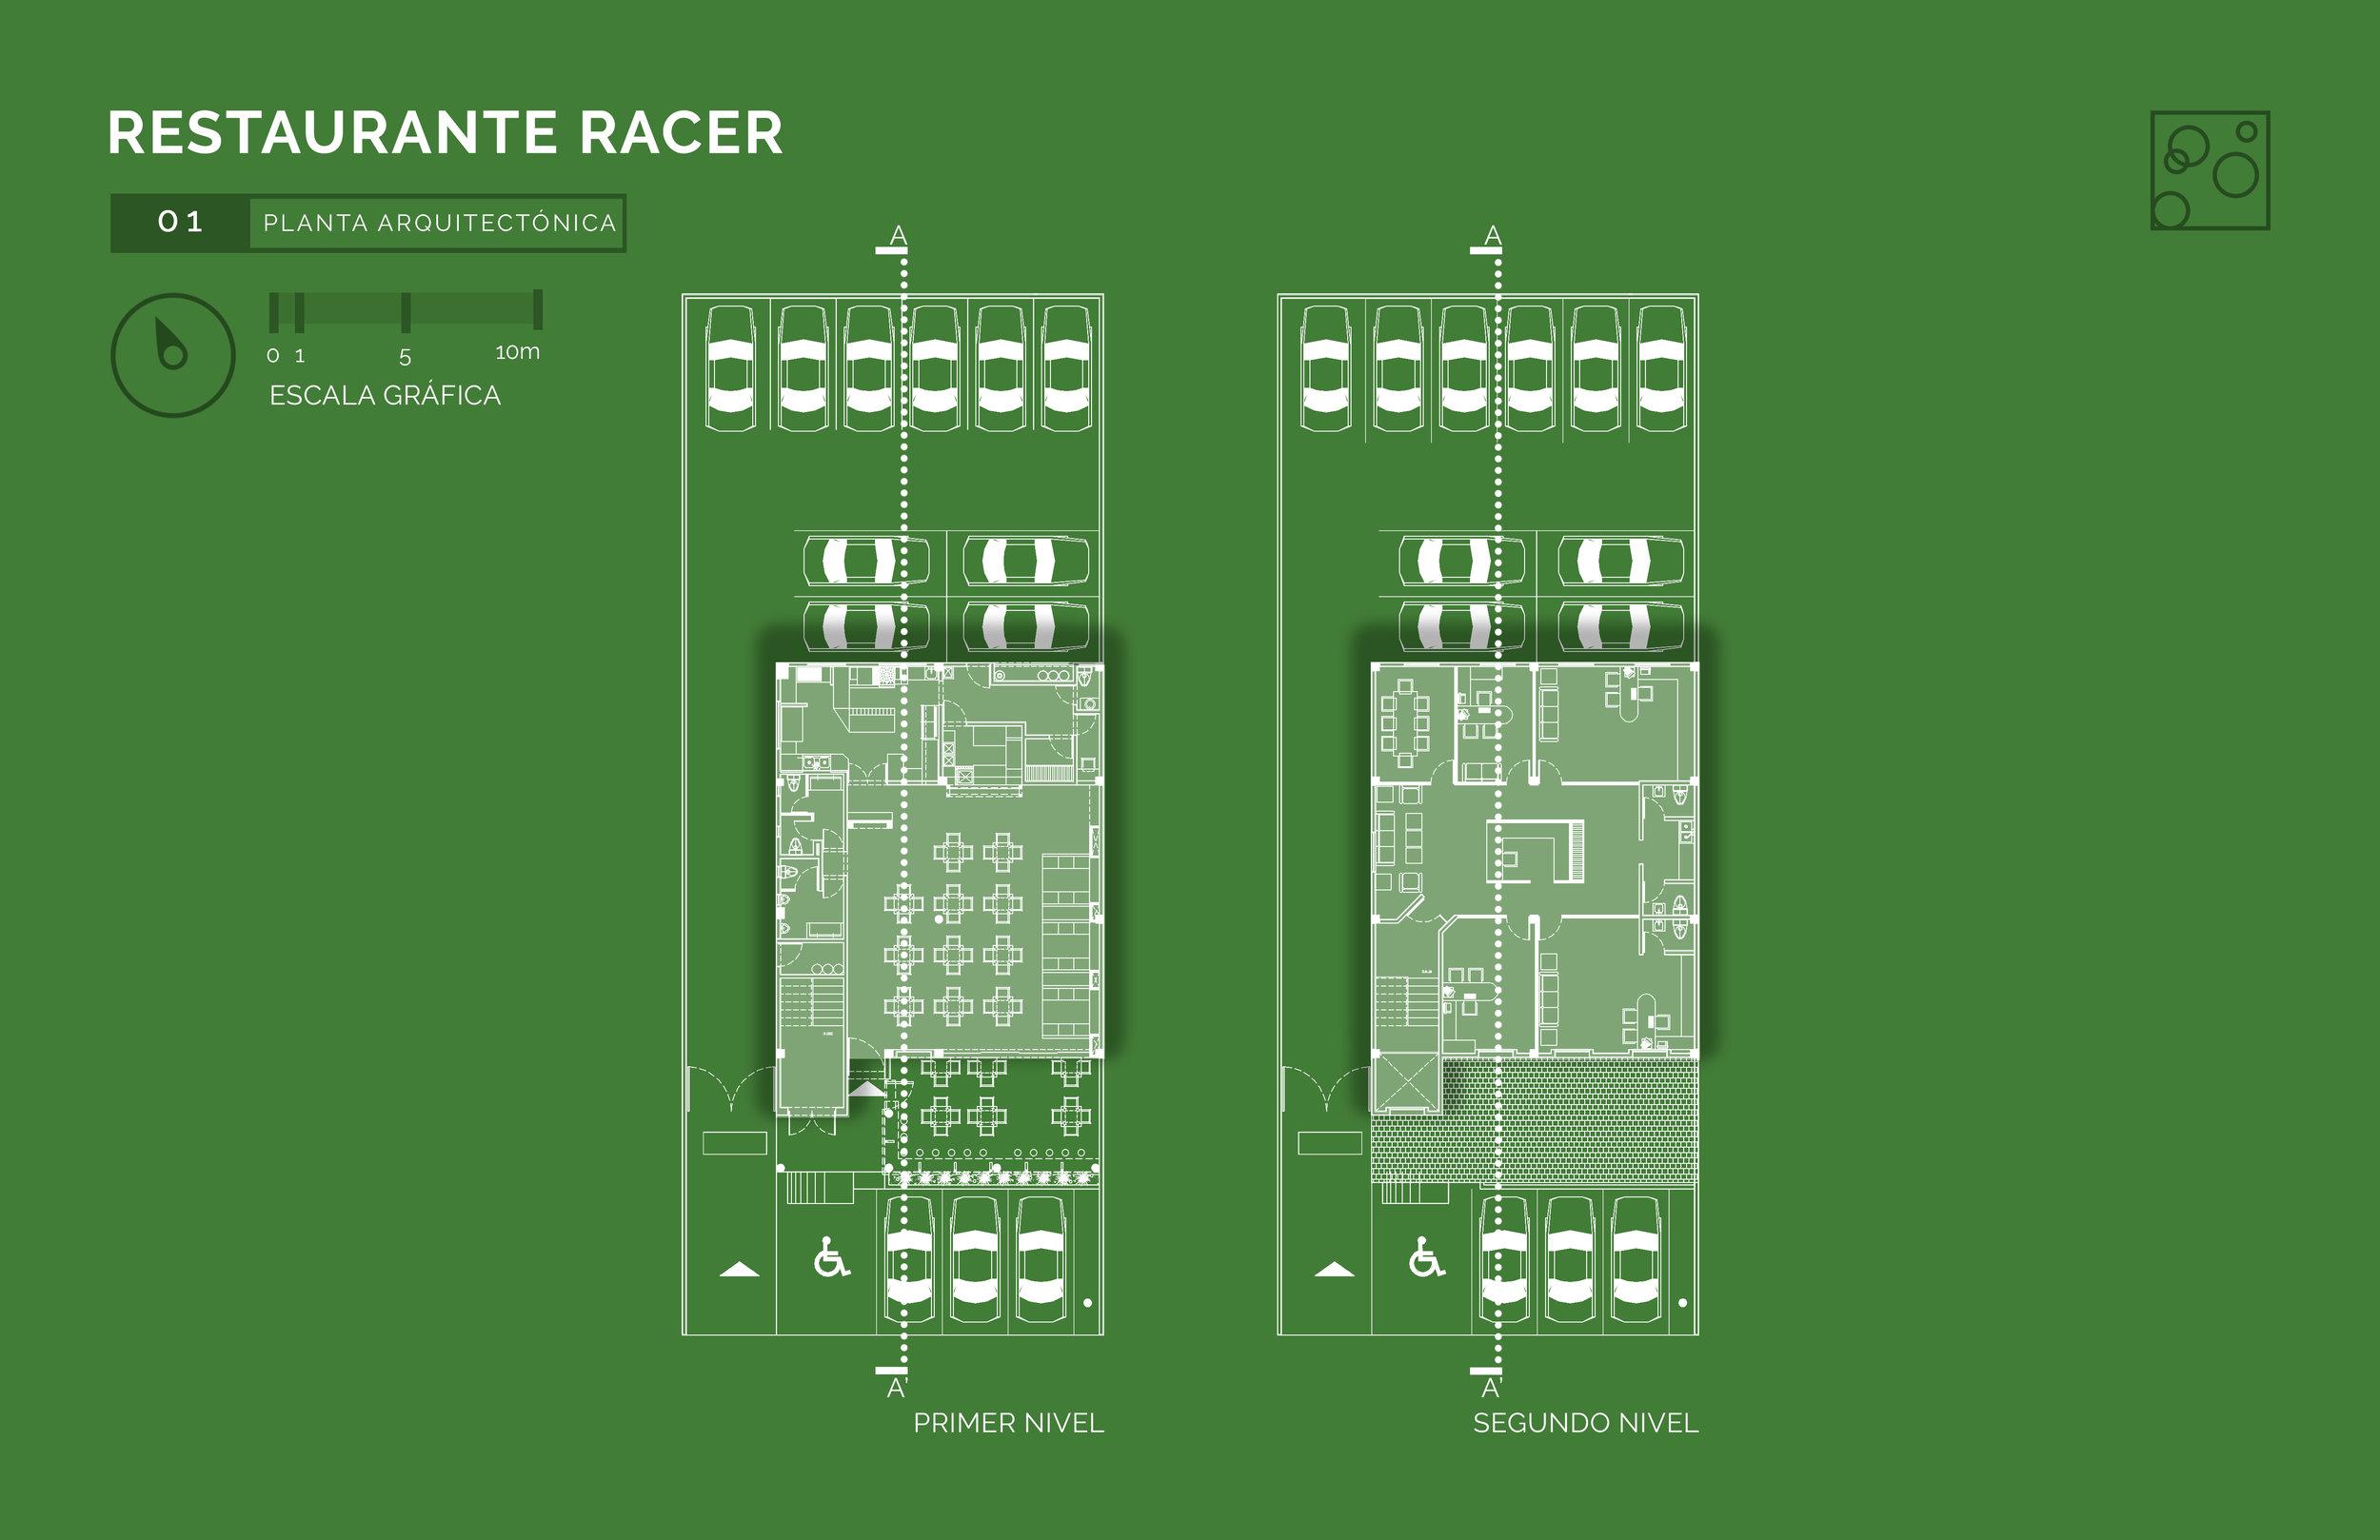 00 RACER_PARQ1.jpg